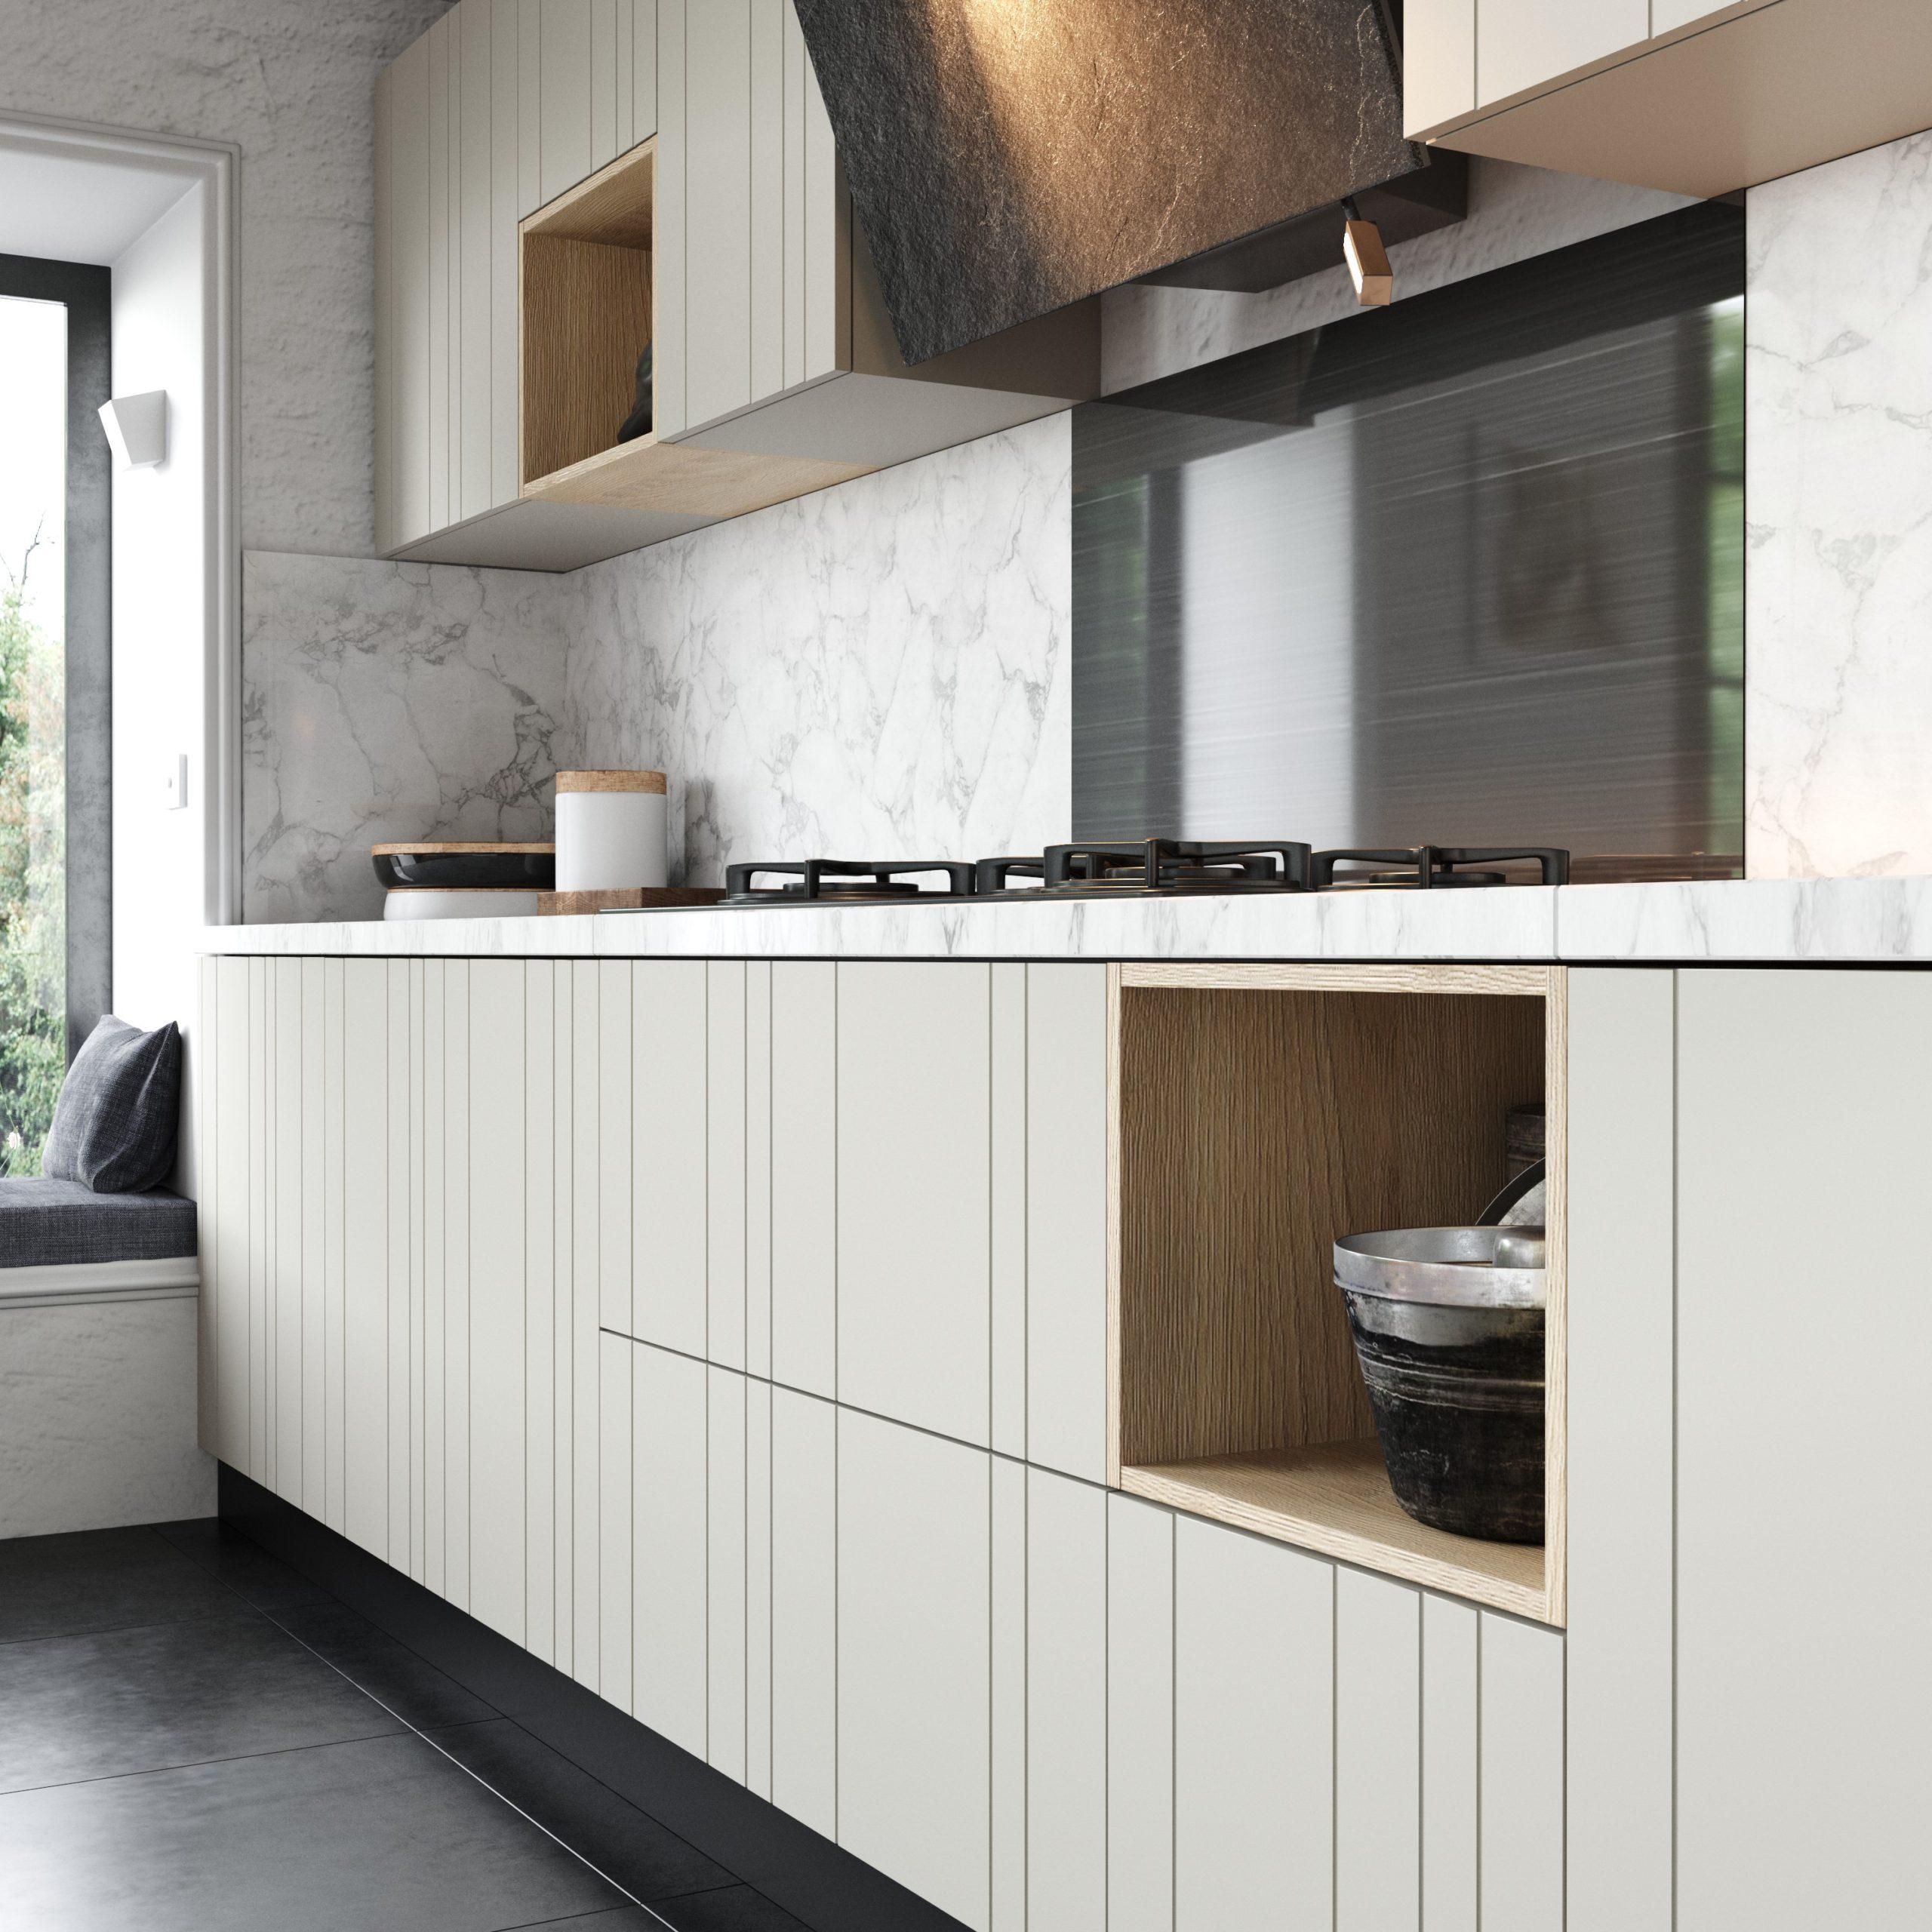 Кухня Interium Модерн.129 - рабочая область